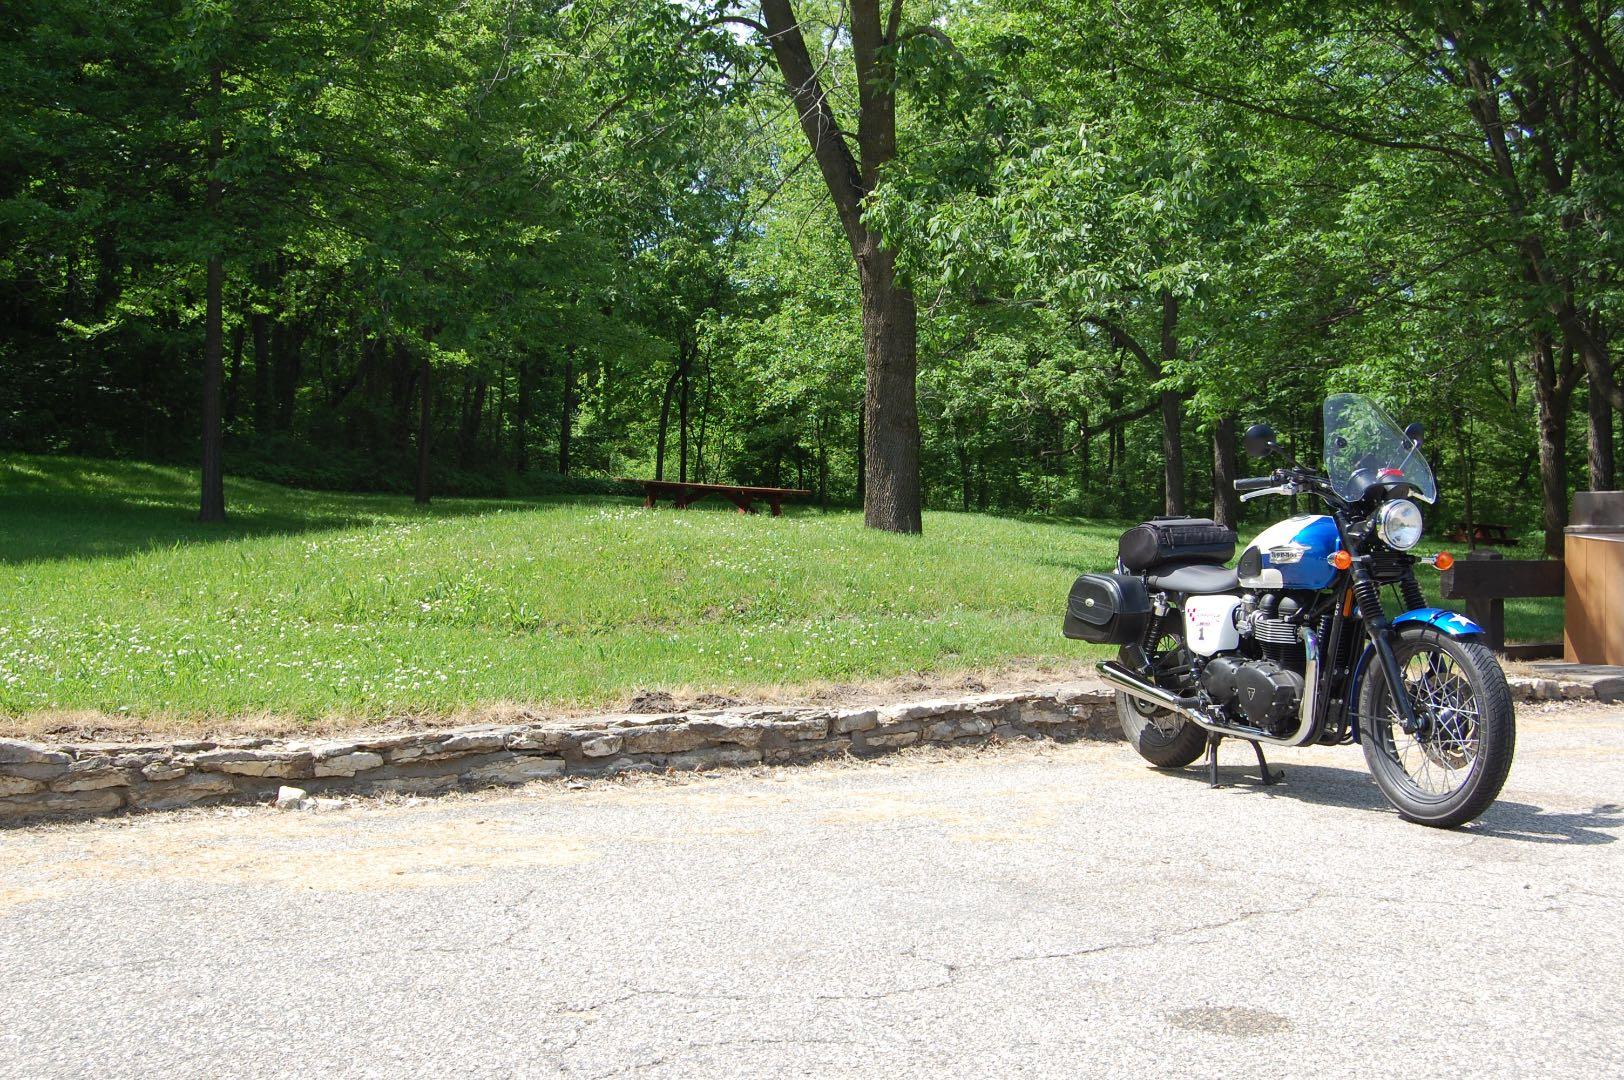 Triumph Exploring Motorcycle